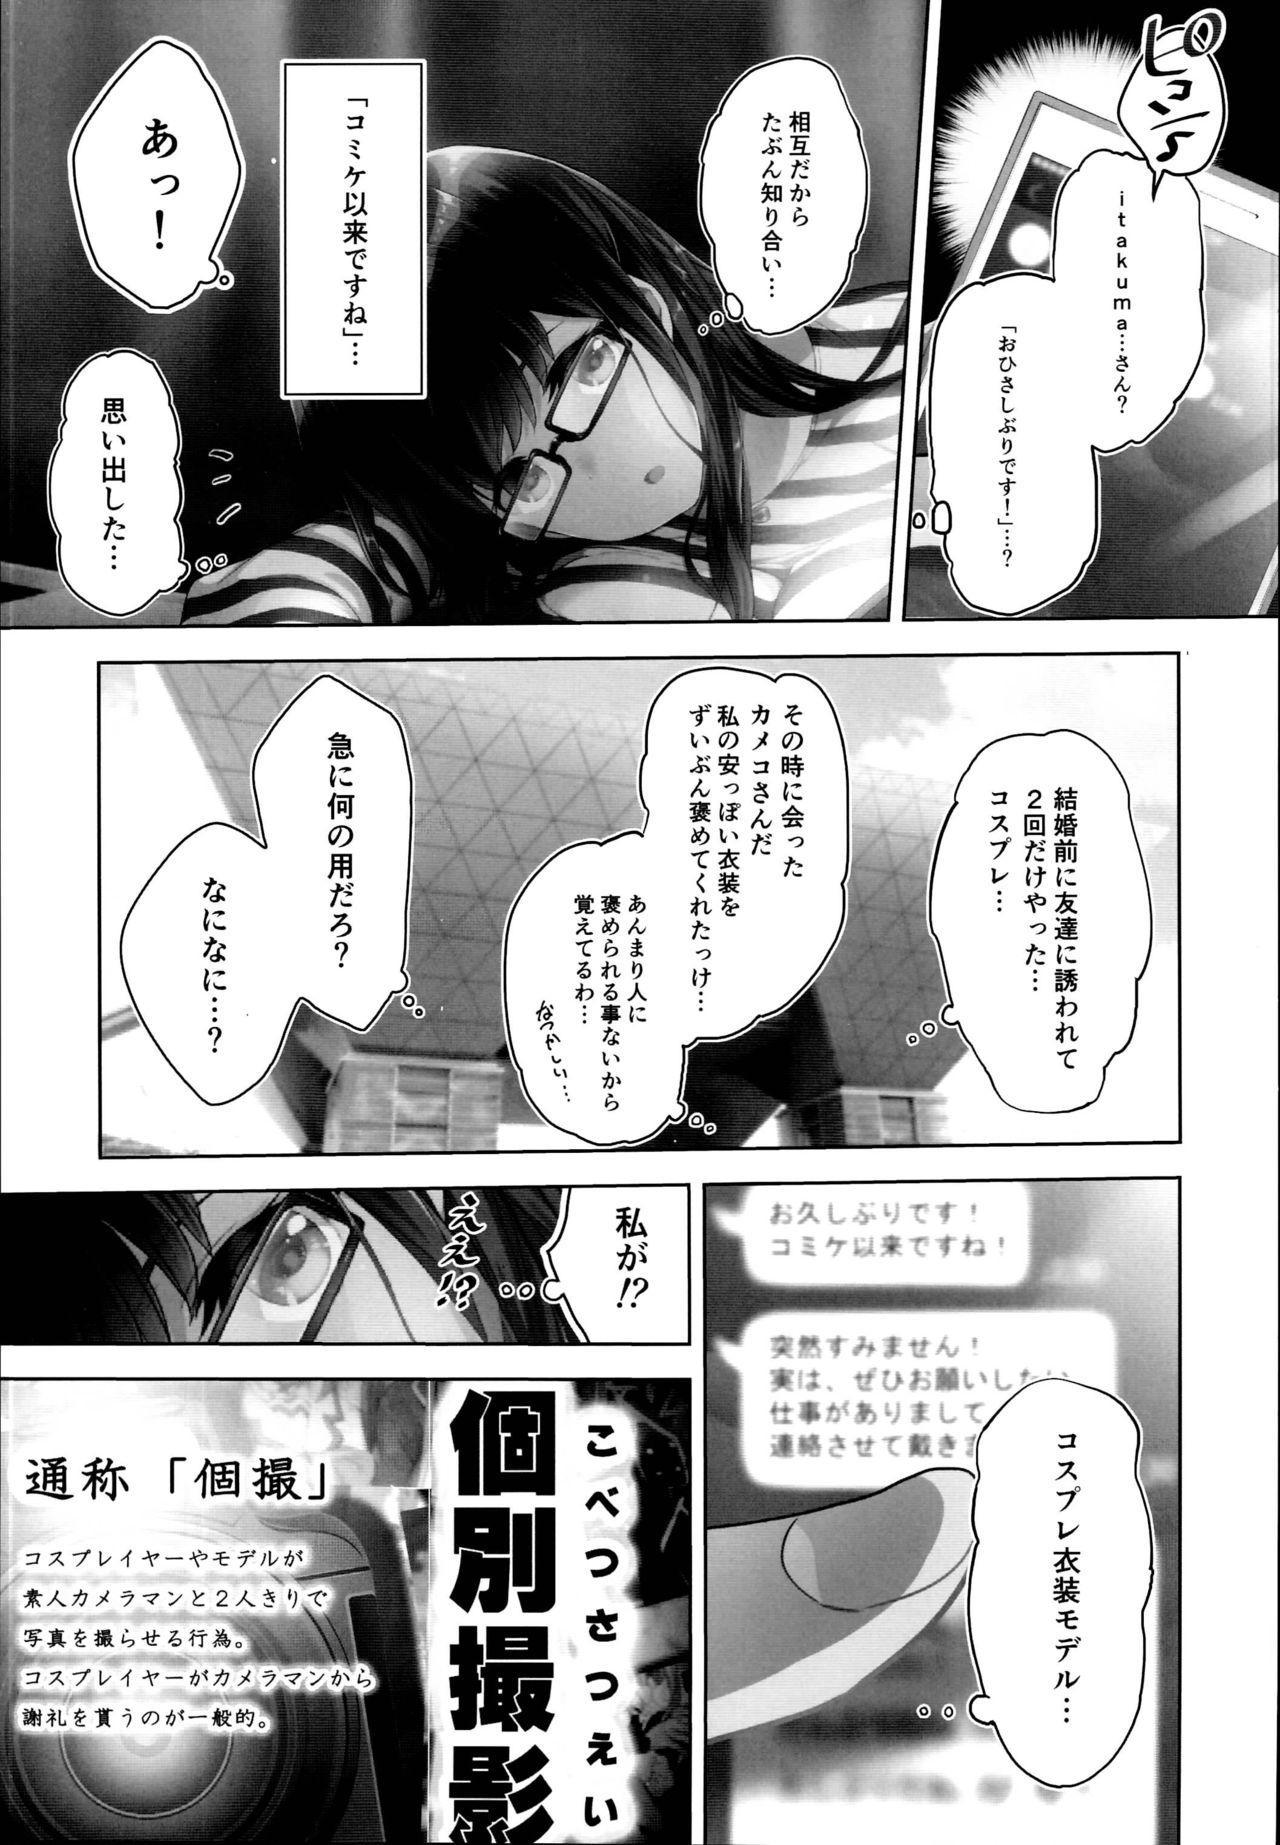 Masaka Tsuma ga 6P Cosplay Douga ni... 4